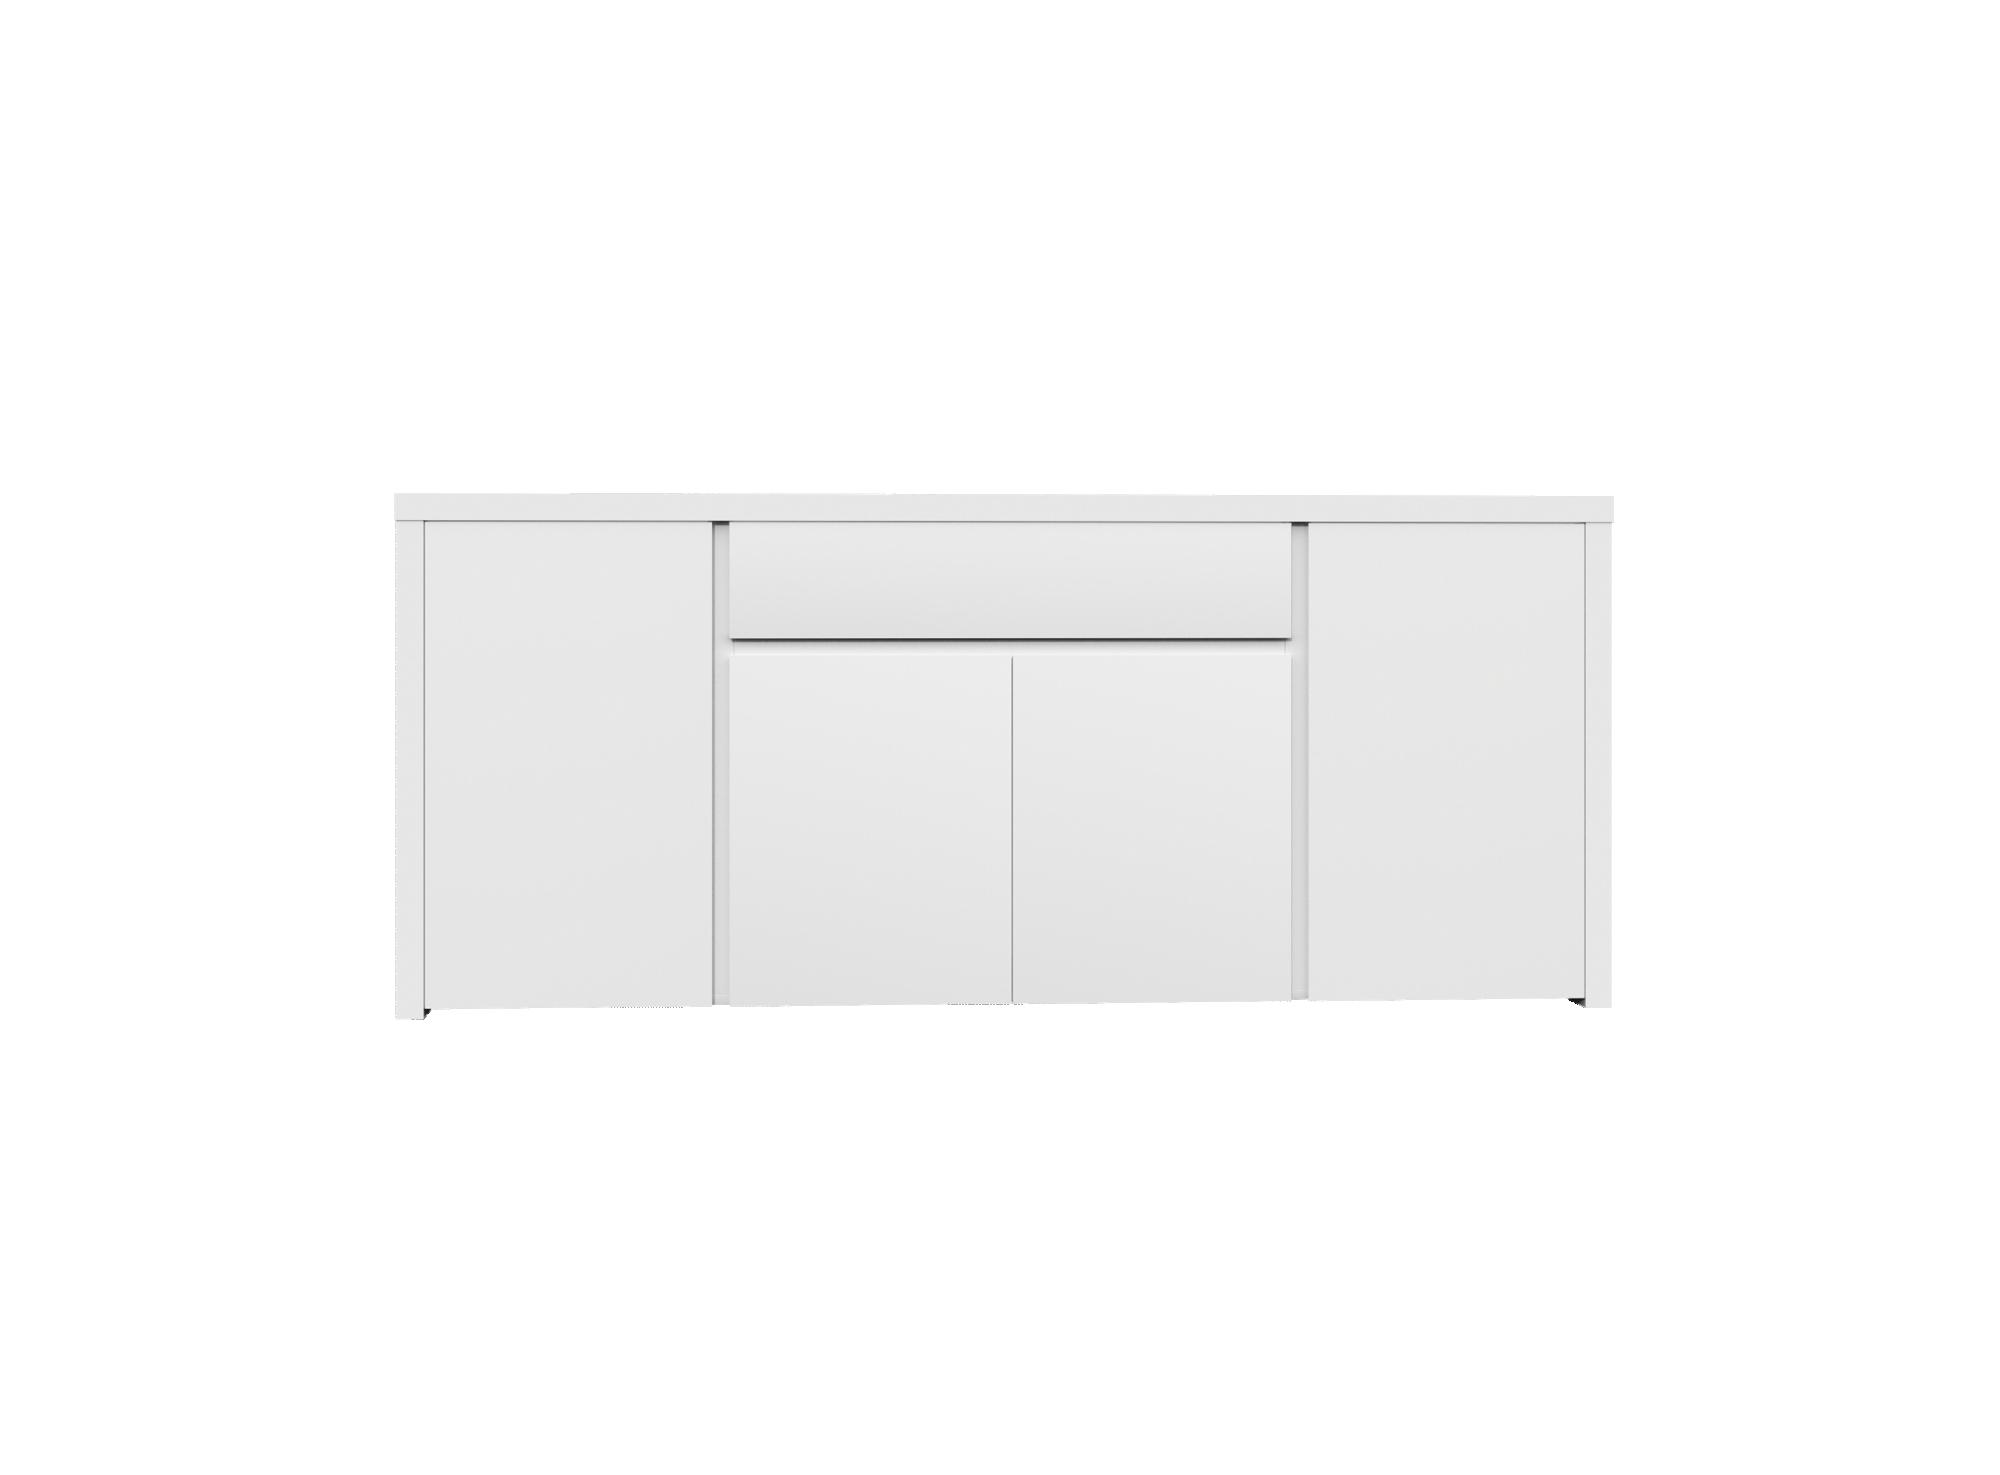 Bahut bas 4 portes 1 tiroir laque blanc bahut salon for Meuble 4 portes laque blanc